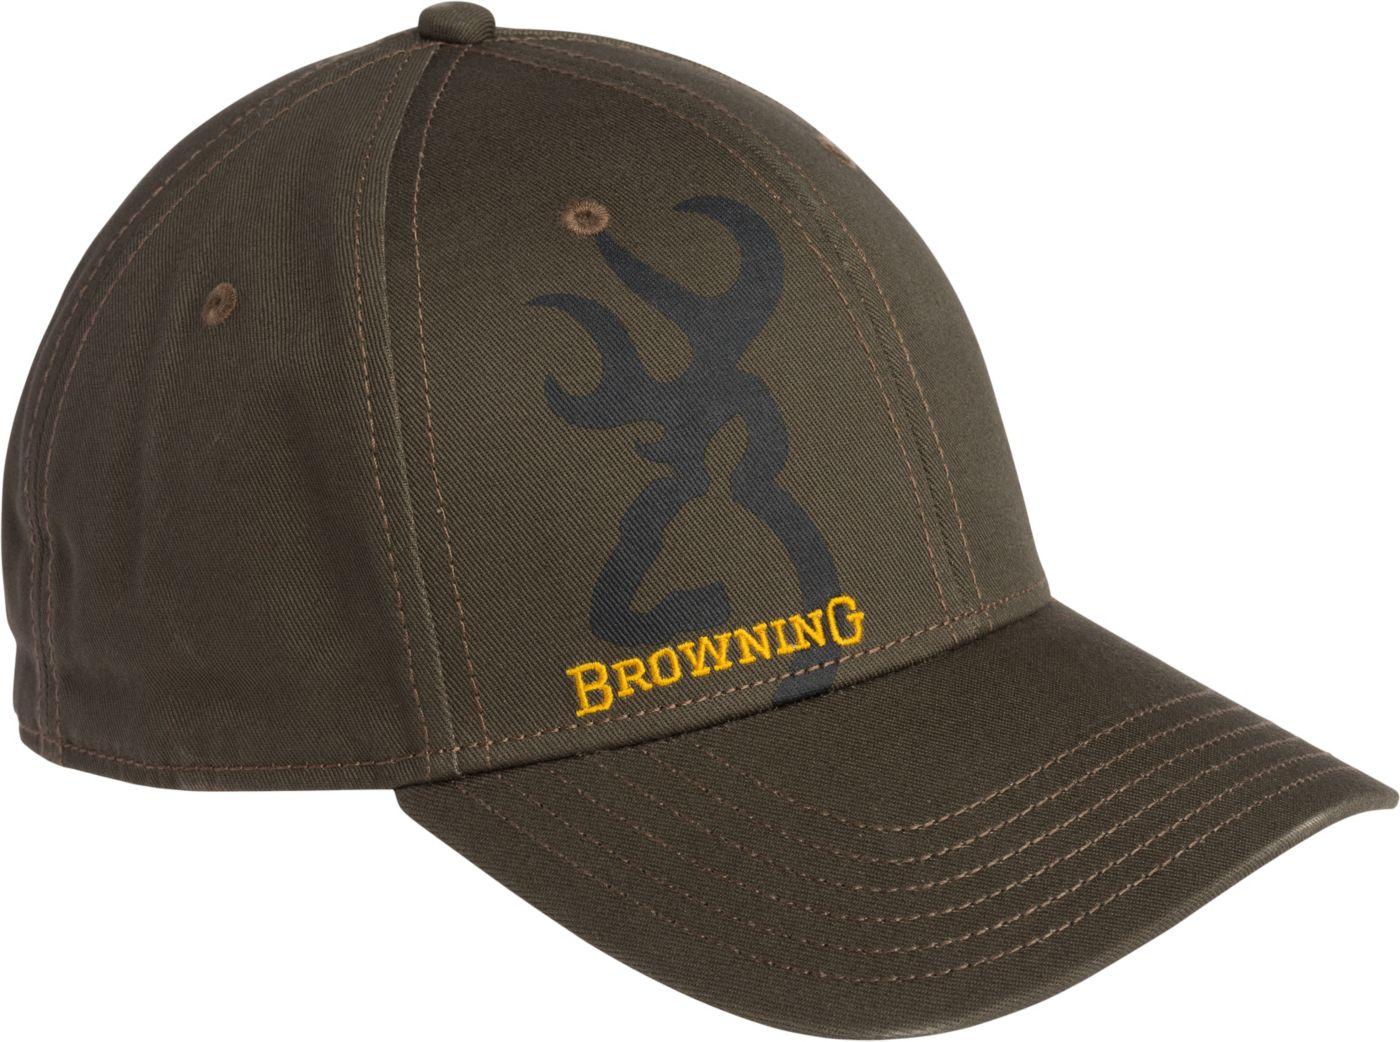 Browning Men's Big Buck Hat